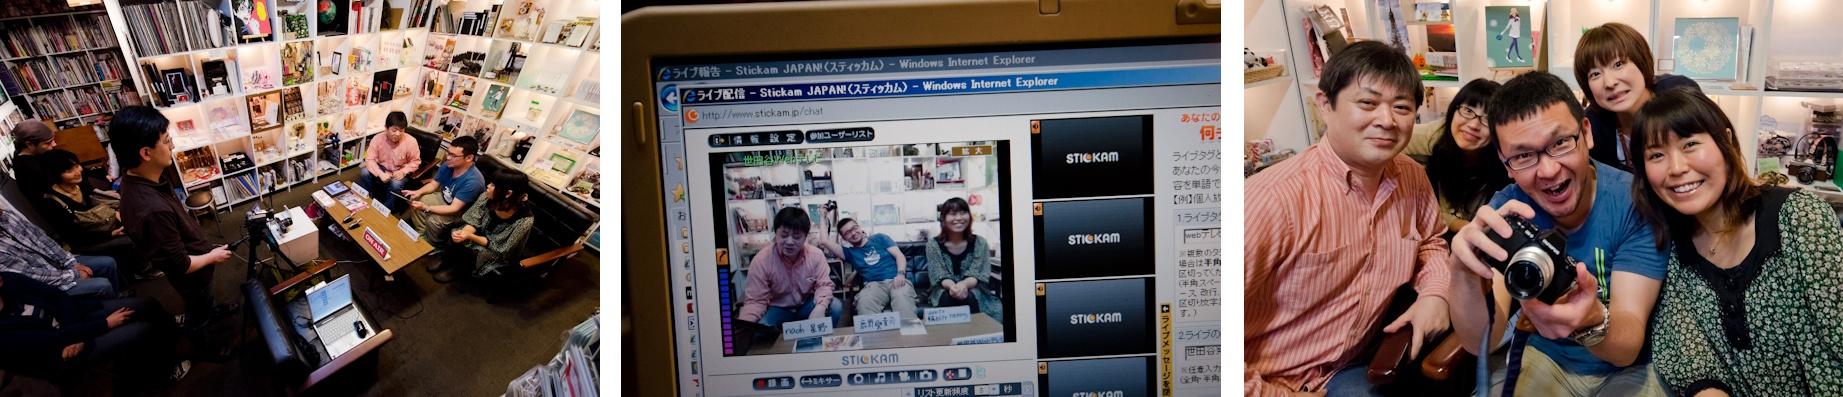 <b>世田谷区若林にある小さなギャラリー・233に集まった、233写真部のメンバーが世田谷のWEBテレビの放送をするというのでお邪魔した。ゲストはシカーノ。今回の展覧会の告知なども交えて盛り上がっていた。ついでにこのデジカメWatchのPhotographer's Fileの記事告知でボクもチラッと出演してきた。ギャラリー233へはボクはこの日はじめて訪れたのだがすっかりうち解けて仲間に入れてもらった。</b>